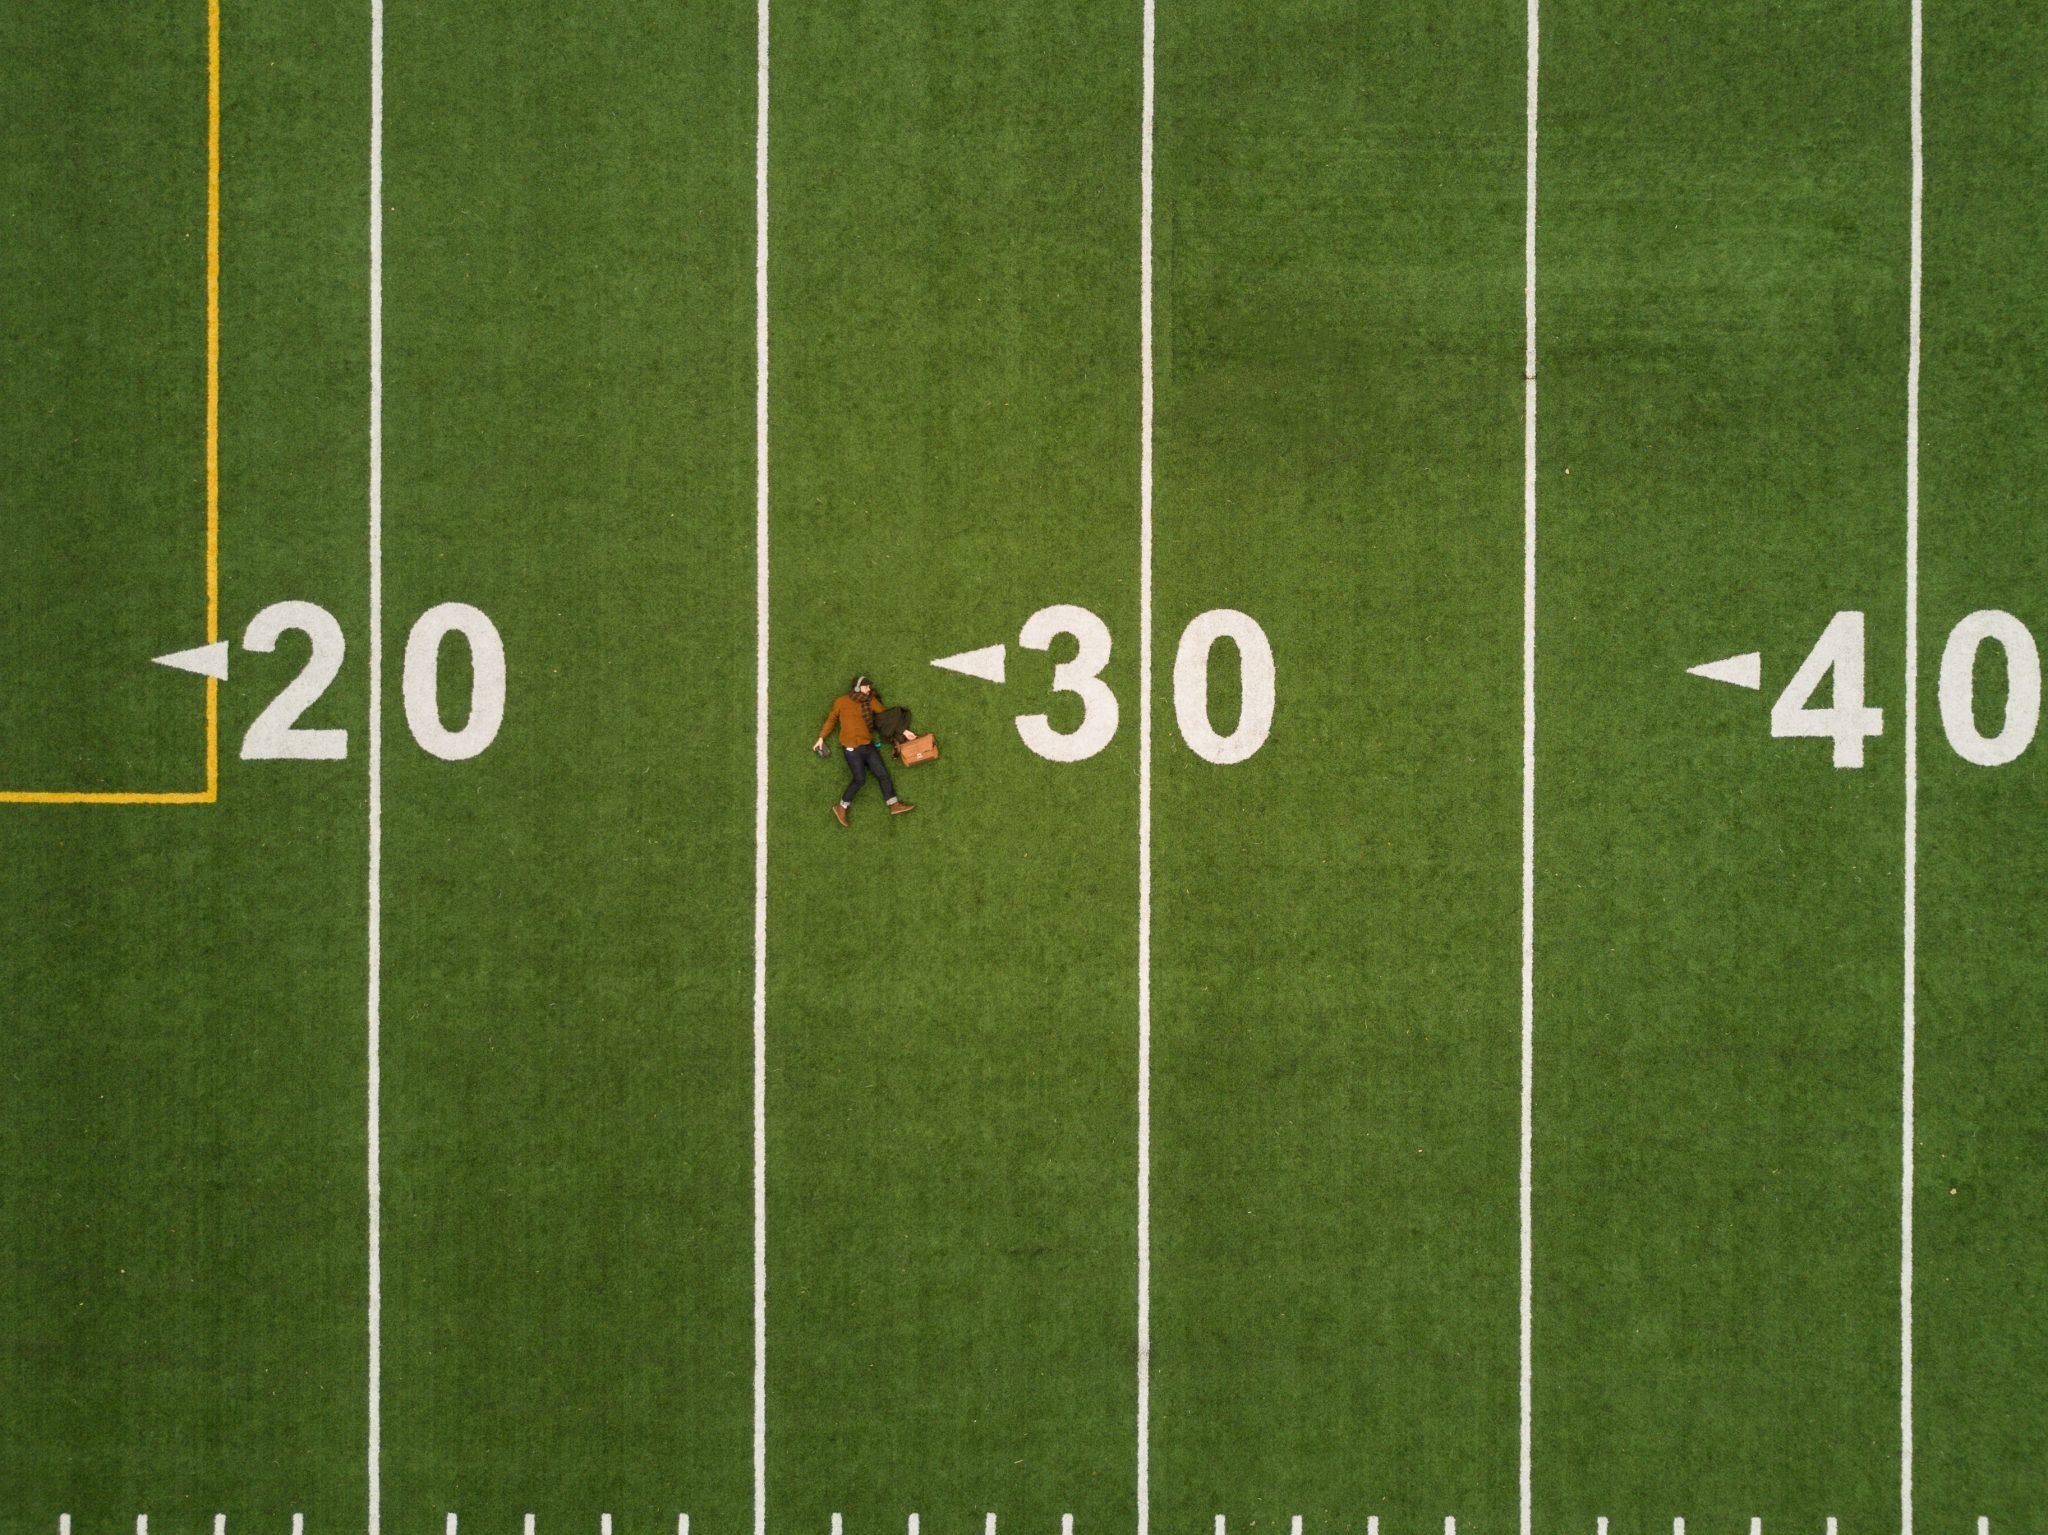 Disoccupati over 40: un campo sportivo segnato fino alle 40 iarde